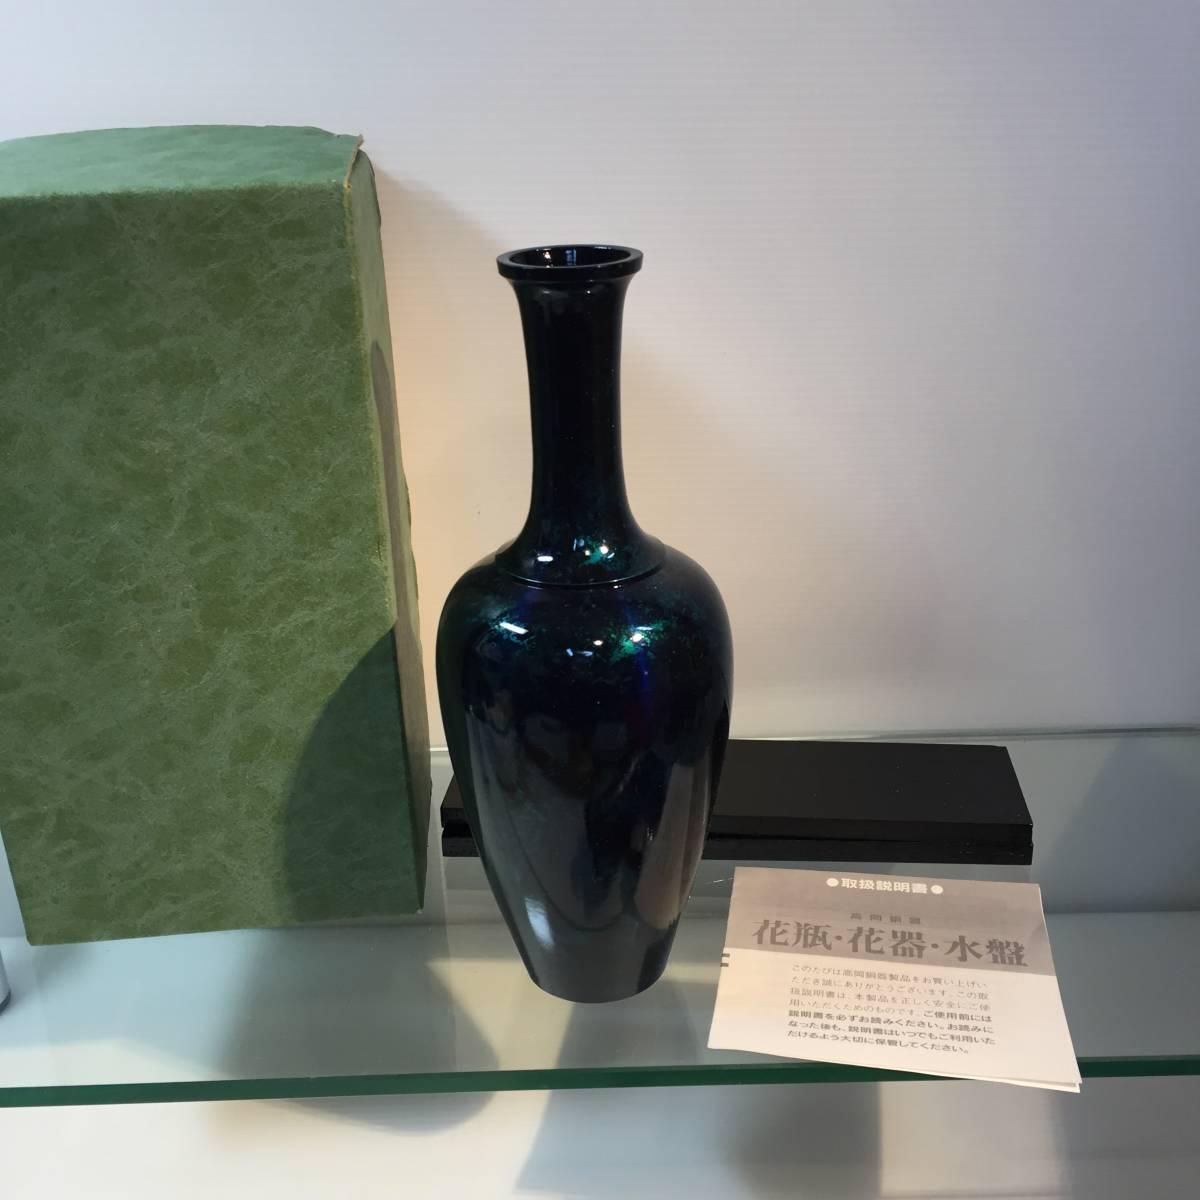 高岡銅器 花瓶 レトロ 緑 青 一輪挿し 花器 花入れ_画像1